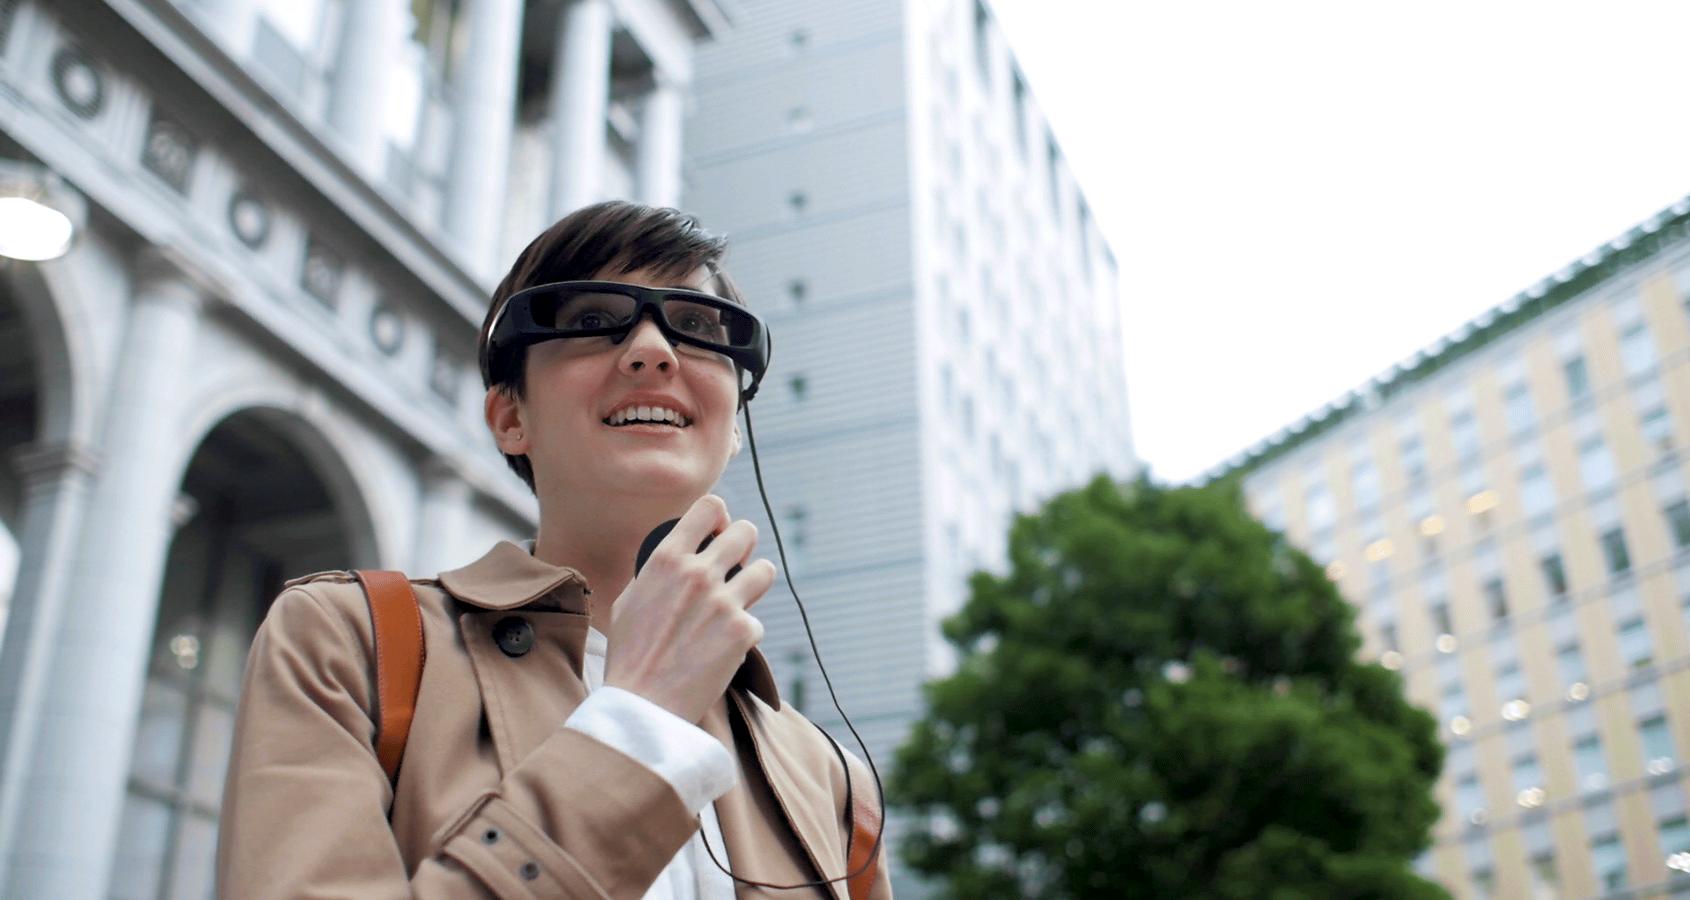 Die Datenbrille SmartEyeglass von Sony wird ab März 2015 an Vorbesteller ausgeliefert. Die Beta-Version ist vor allem für Entwickler gedacht.